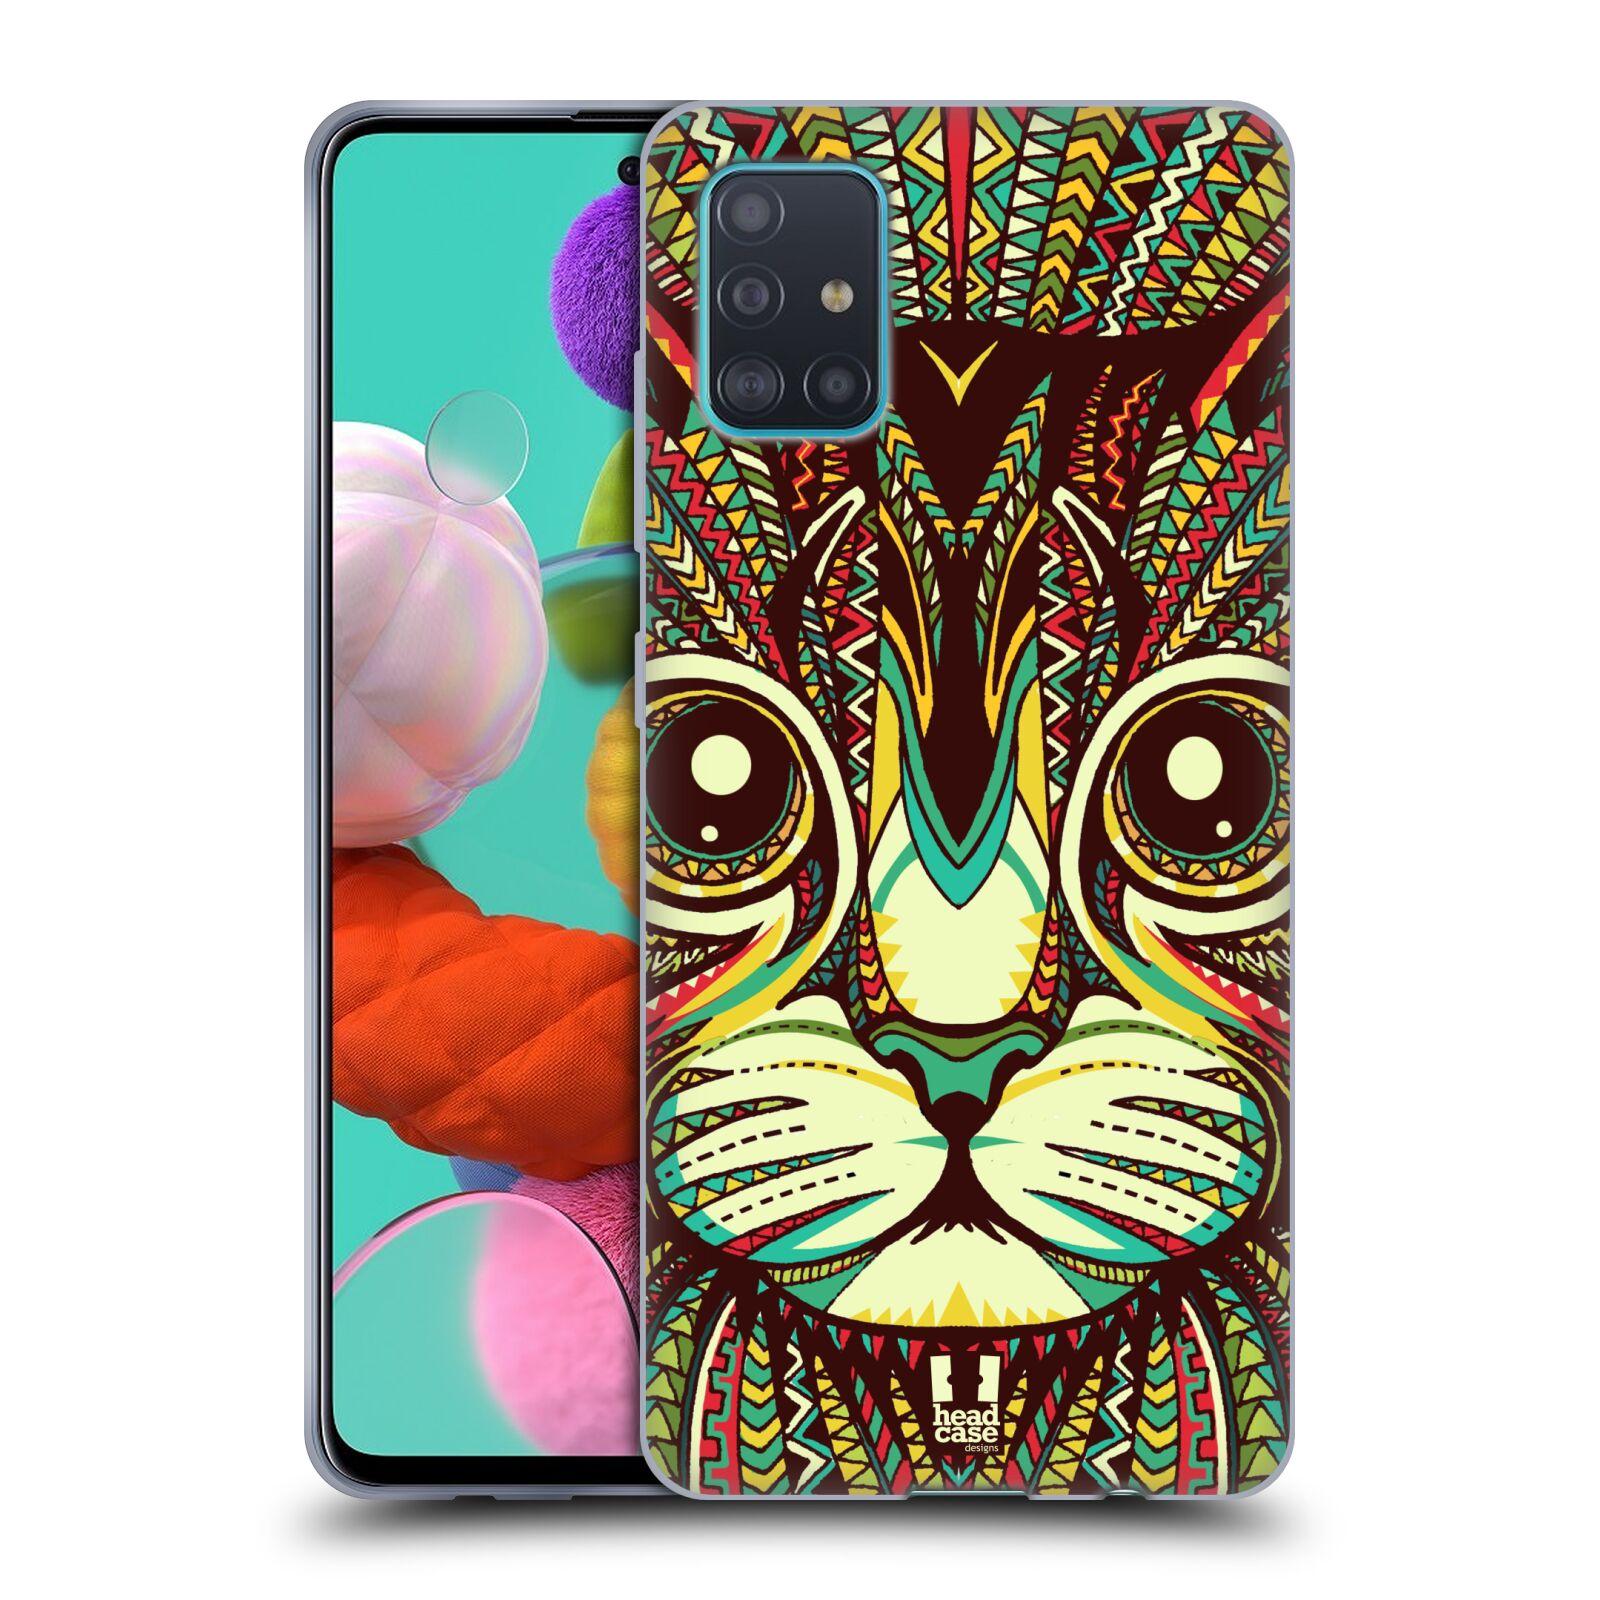 Silikonové pouzdro na mobil Samsung Galaxy A51 - Head Case - AZTEC KOČKA